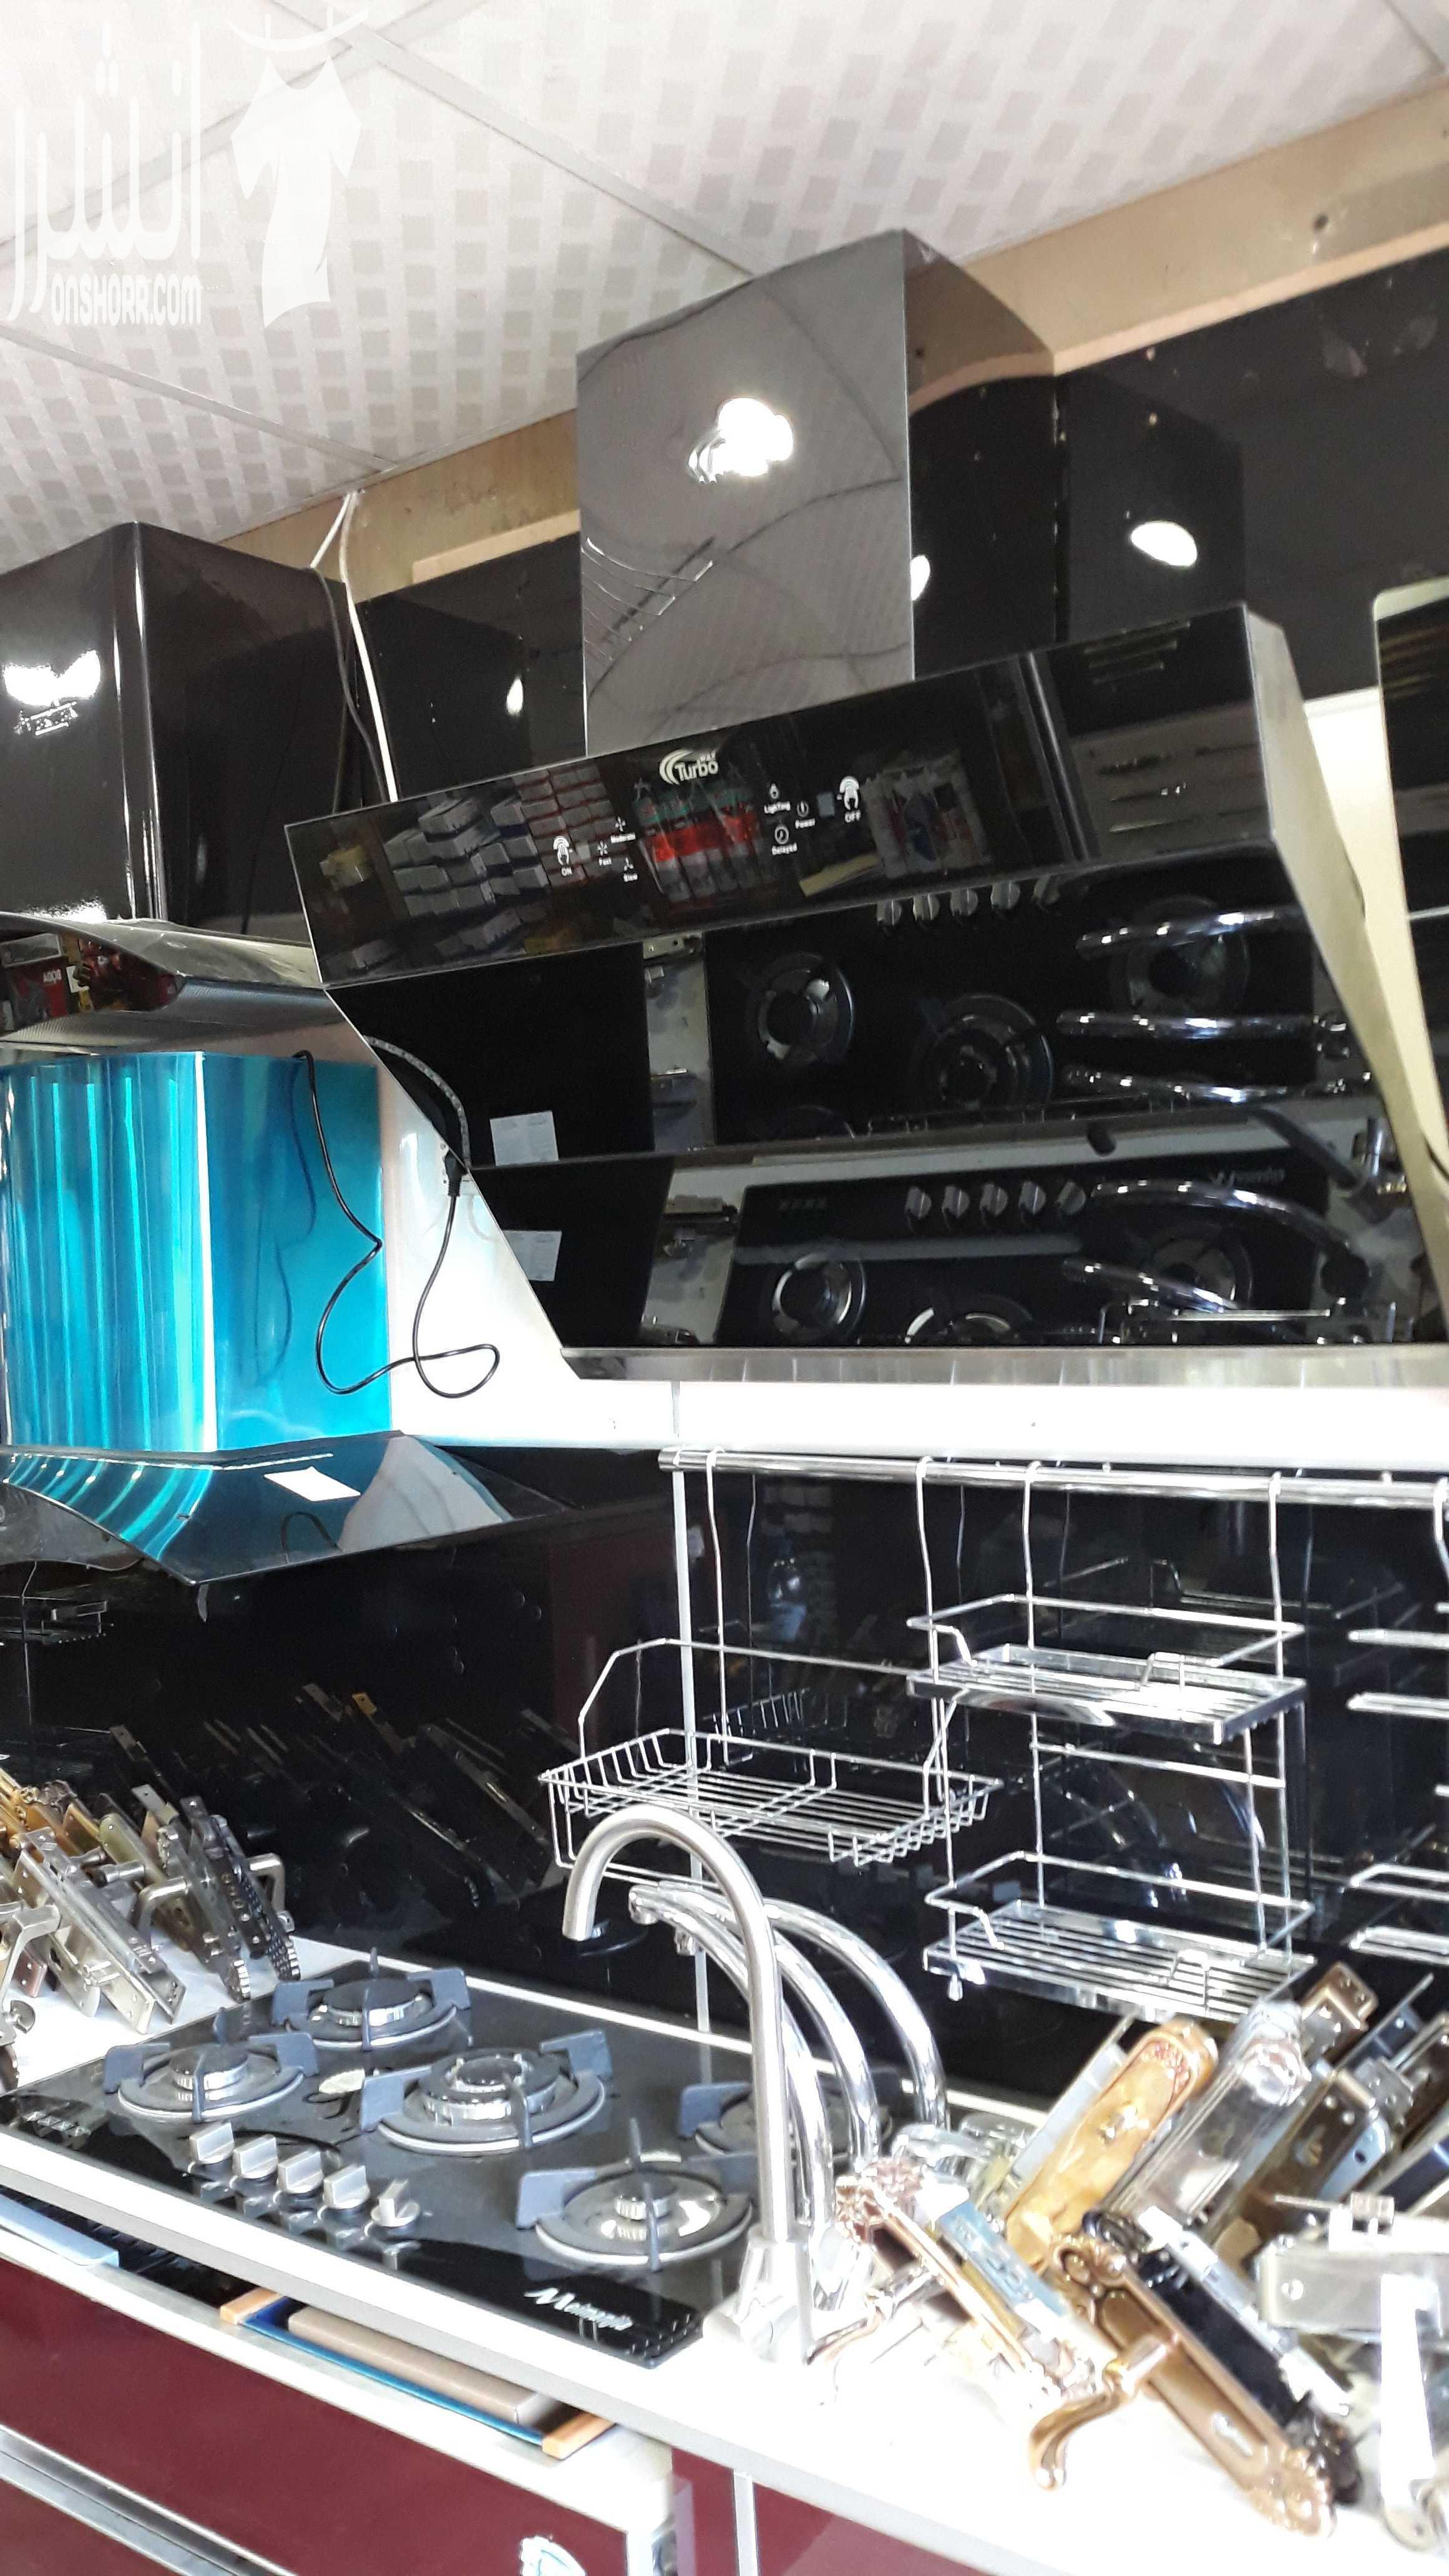 جهاز التنقيب عن الذهب تصويري غاما جهاز متعدد الوظائف والنُظم يحتوي على 3 أنظمة كشف متطور-  # شفاط VERTEX <br>* قوة...